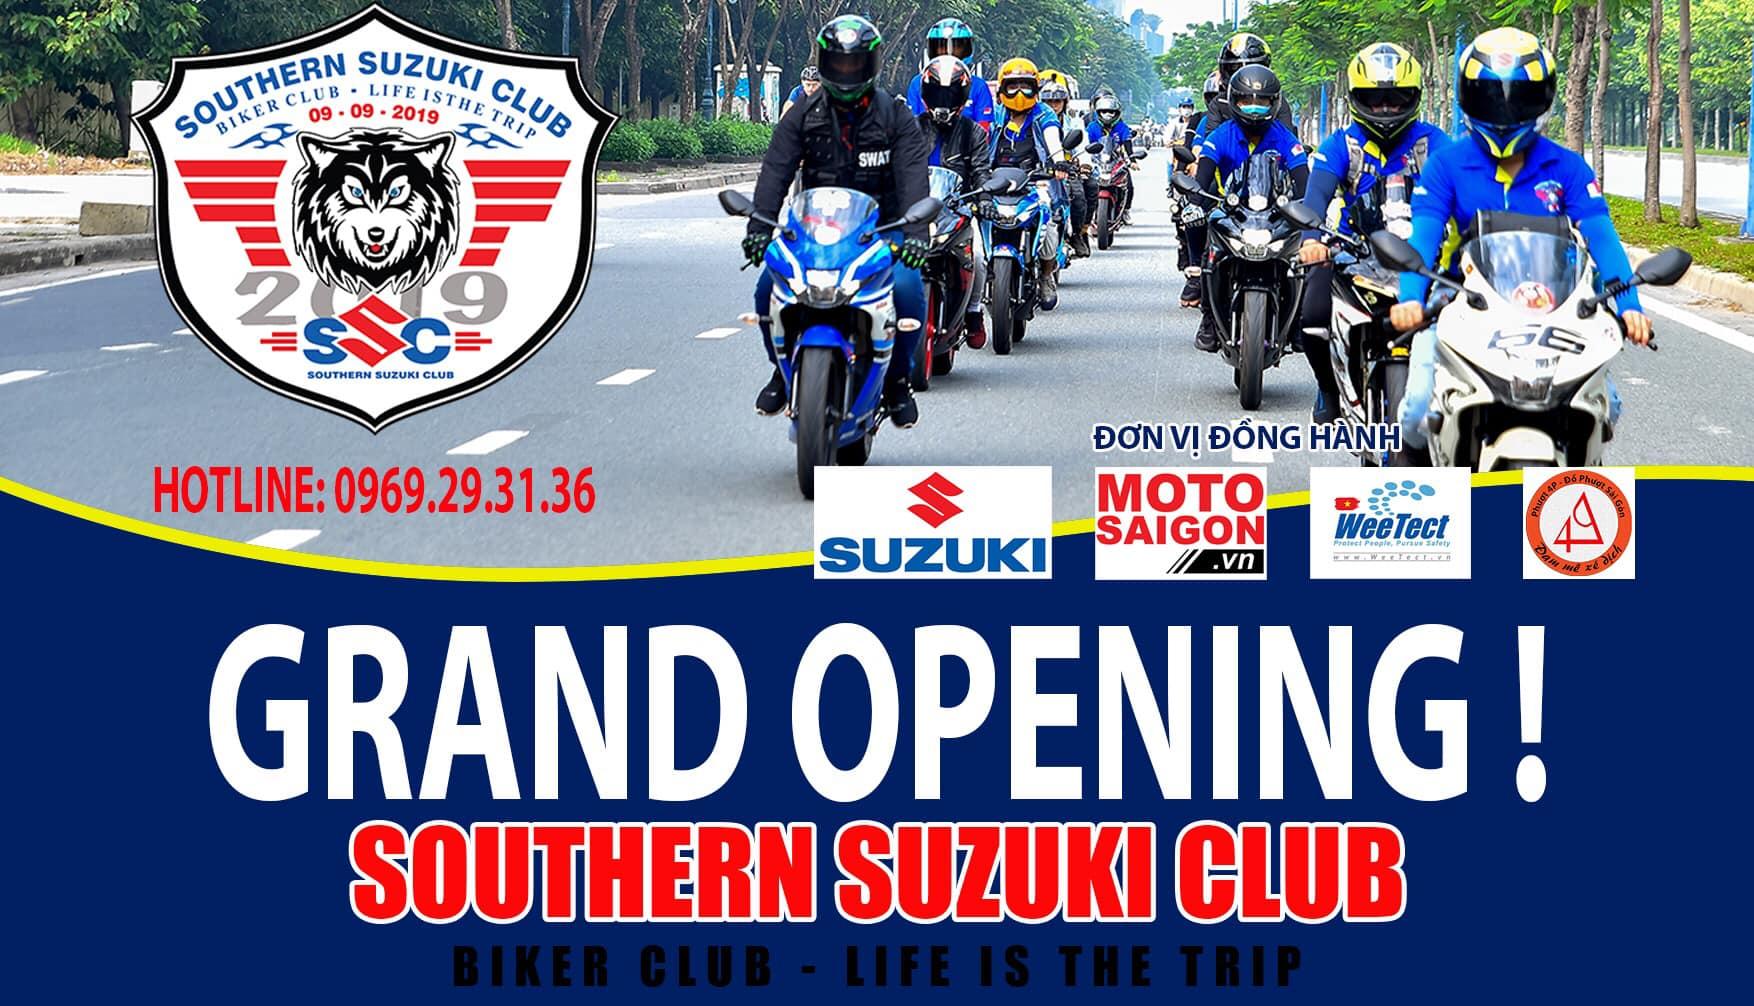 Southern Suzuki Club SSC quy tụ những người đam mê xe Suzuki